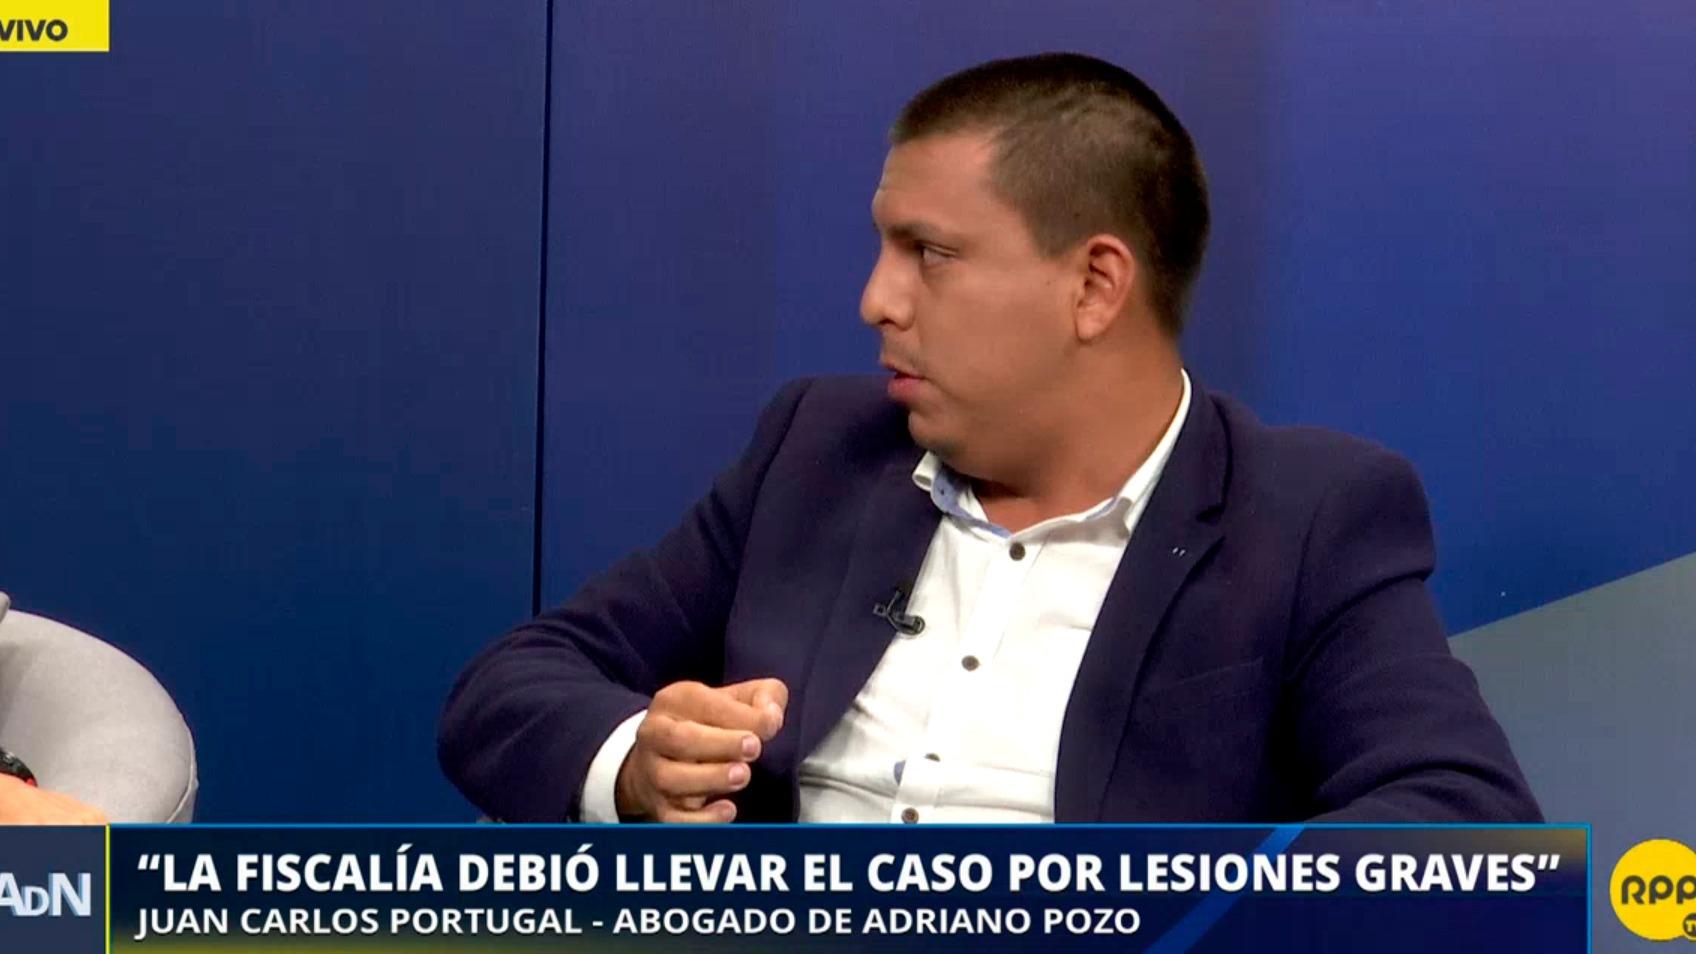 Juan Carlos Portugal, abogado de Adriano Pozo, defendió el fallo que absolvió al agresor de Arlette Contreras.